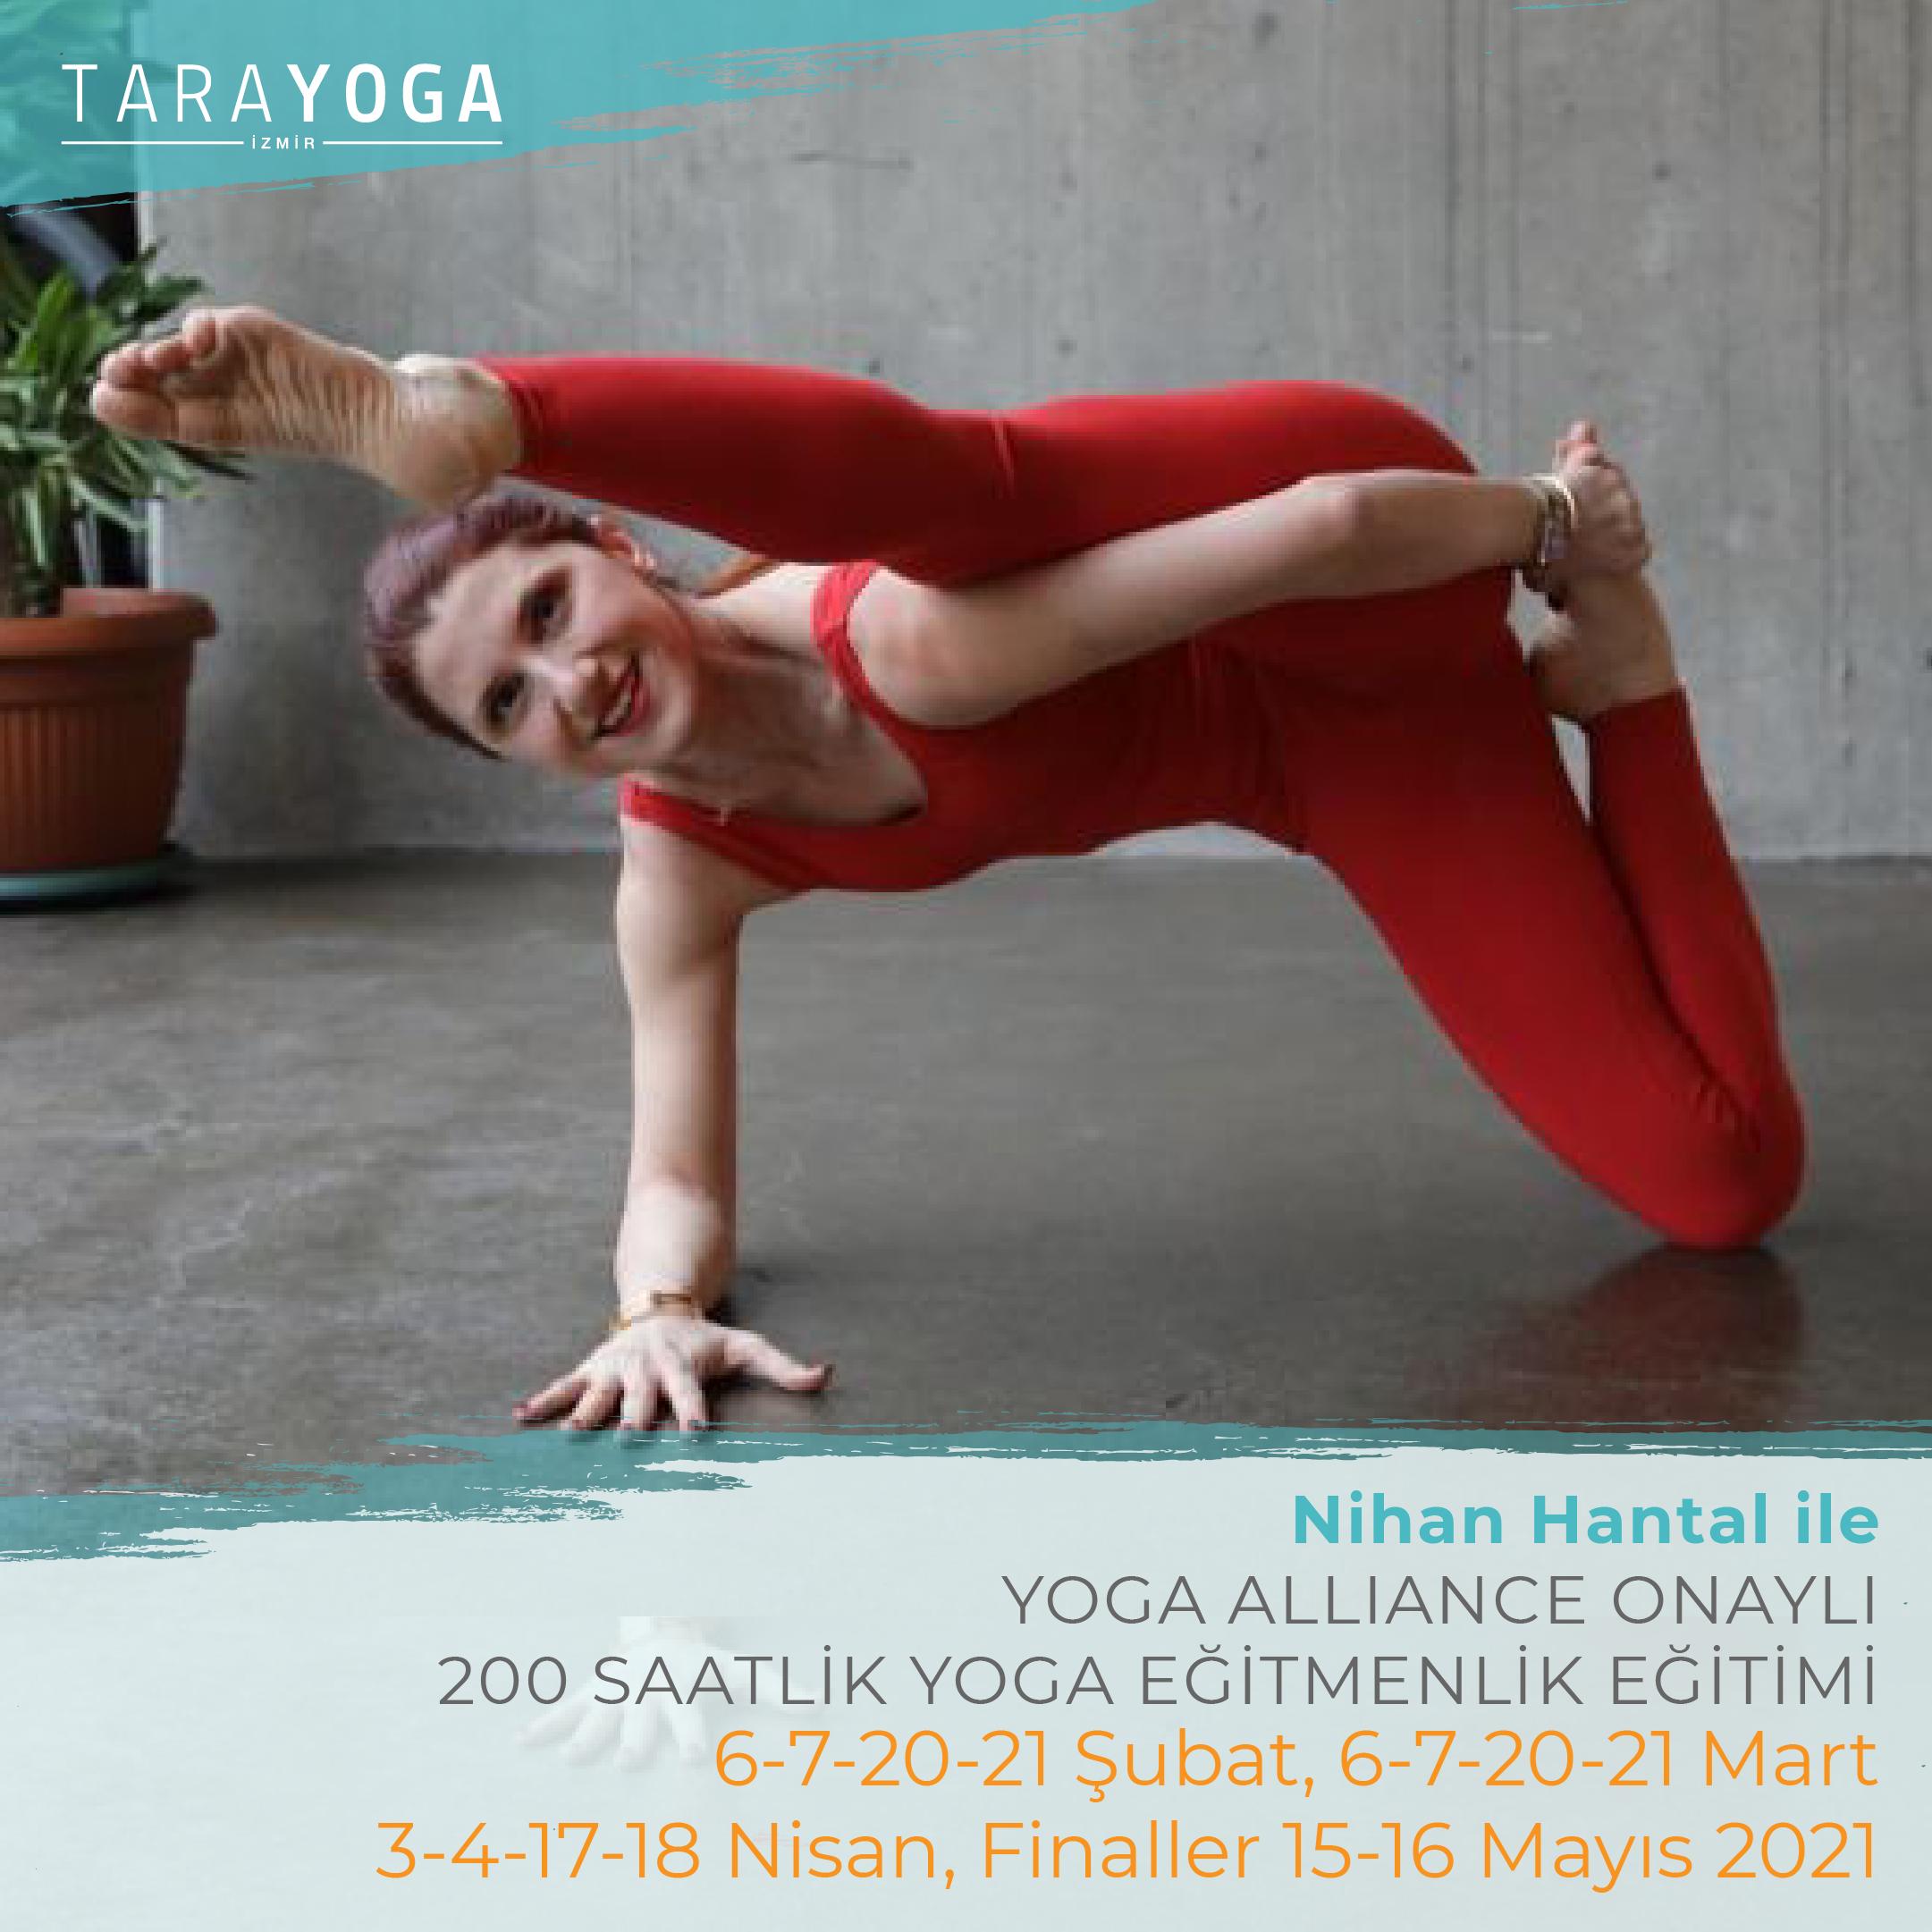 Nihan Hantal ile 200 Saatlik Yoga Eğitmenlik Eğitimi